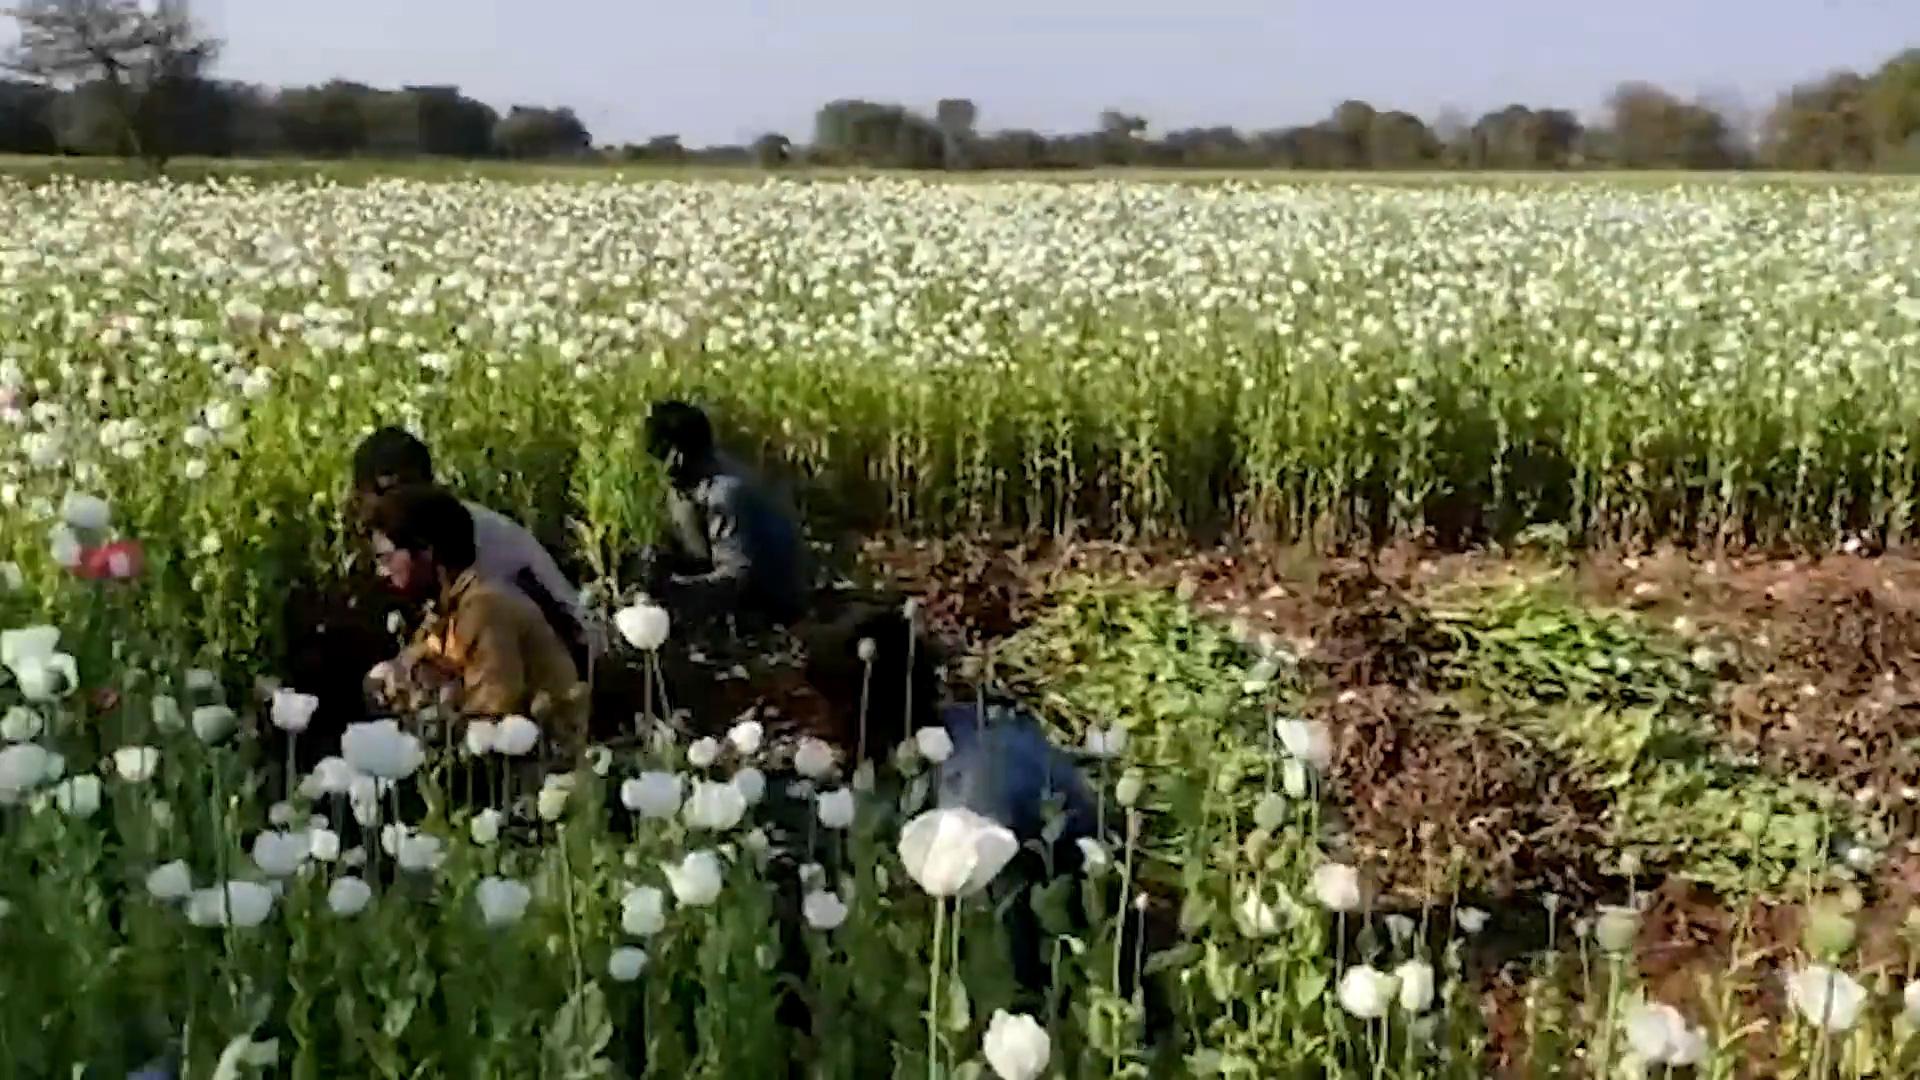 Ấn Độ: Phát hiện trang trại trồng cây thuốc phiện bất hợp pháp trị giá 54.000$ USA - Ảnh 2.